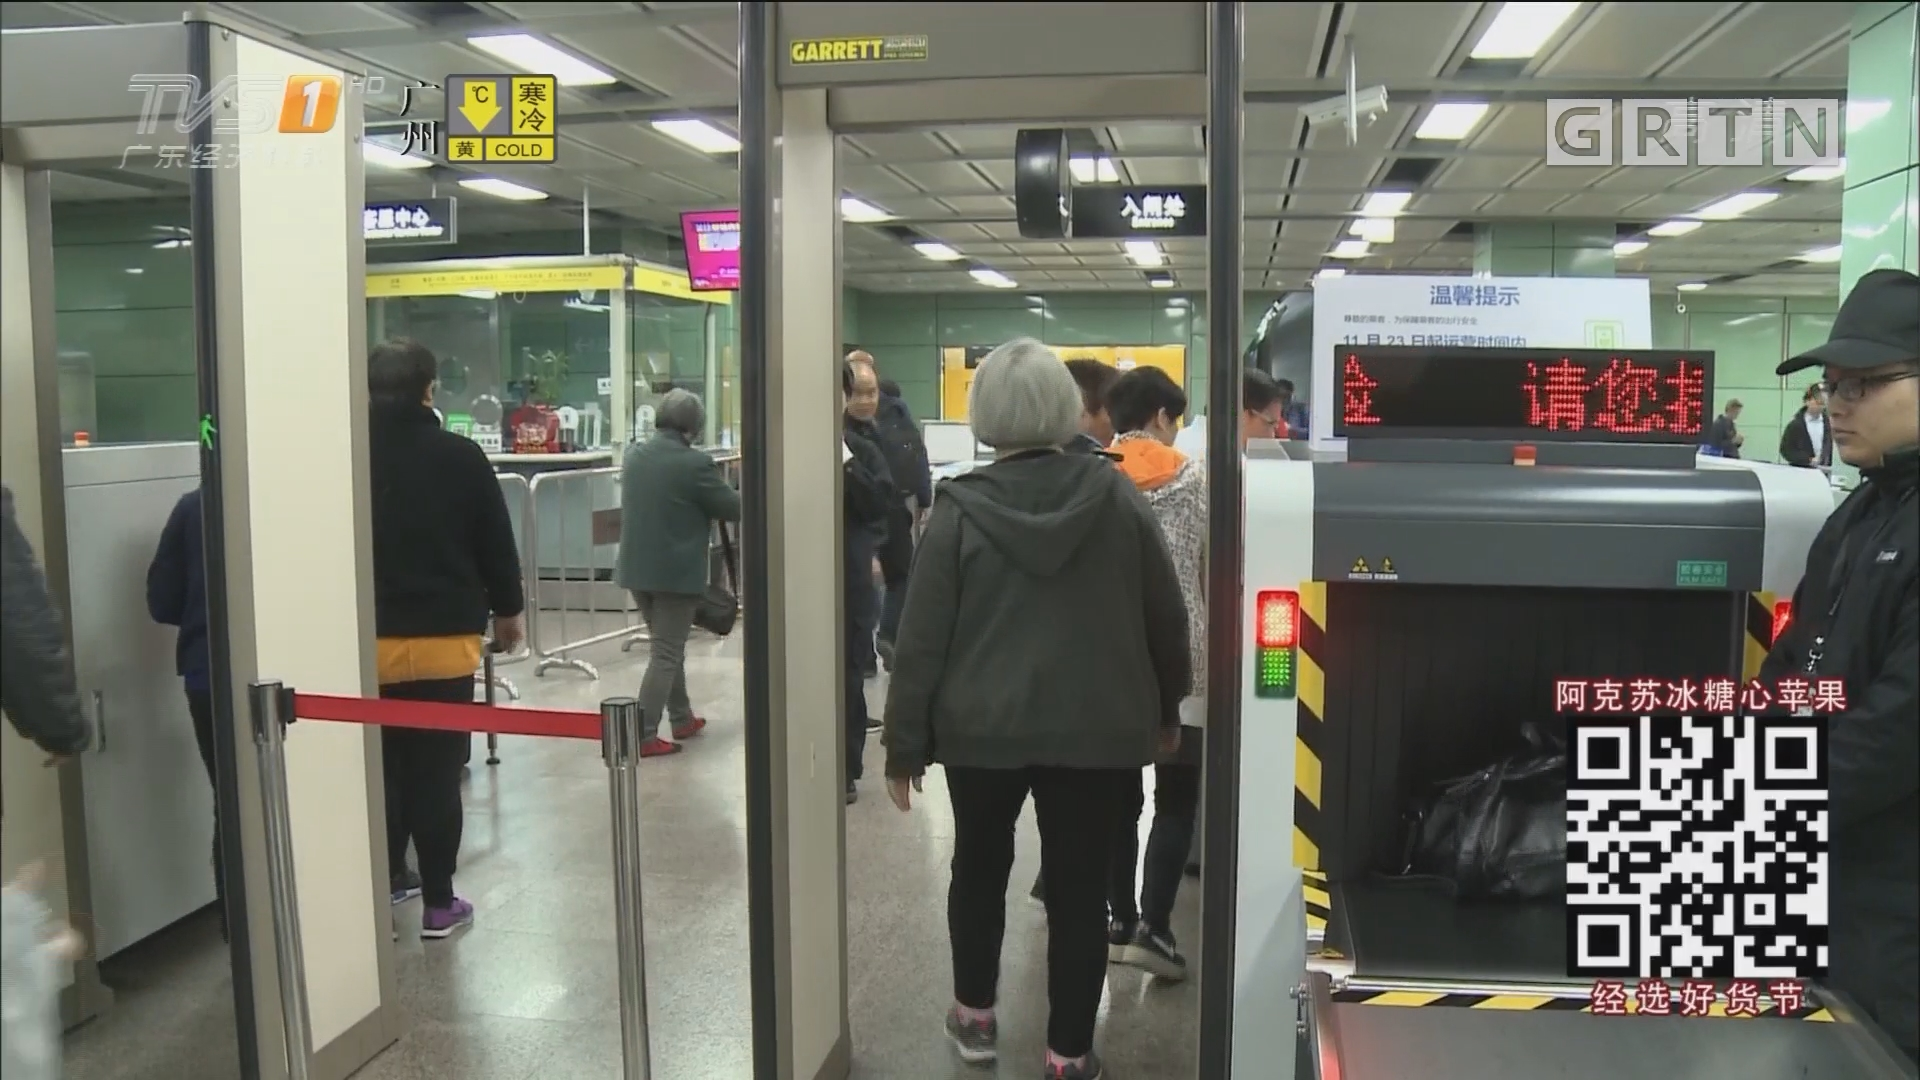 广州:今起地铁增17站点升级安检 涉5条地铁线